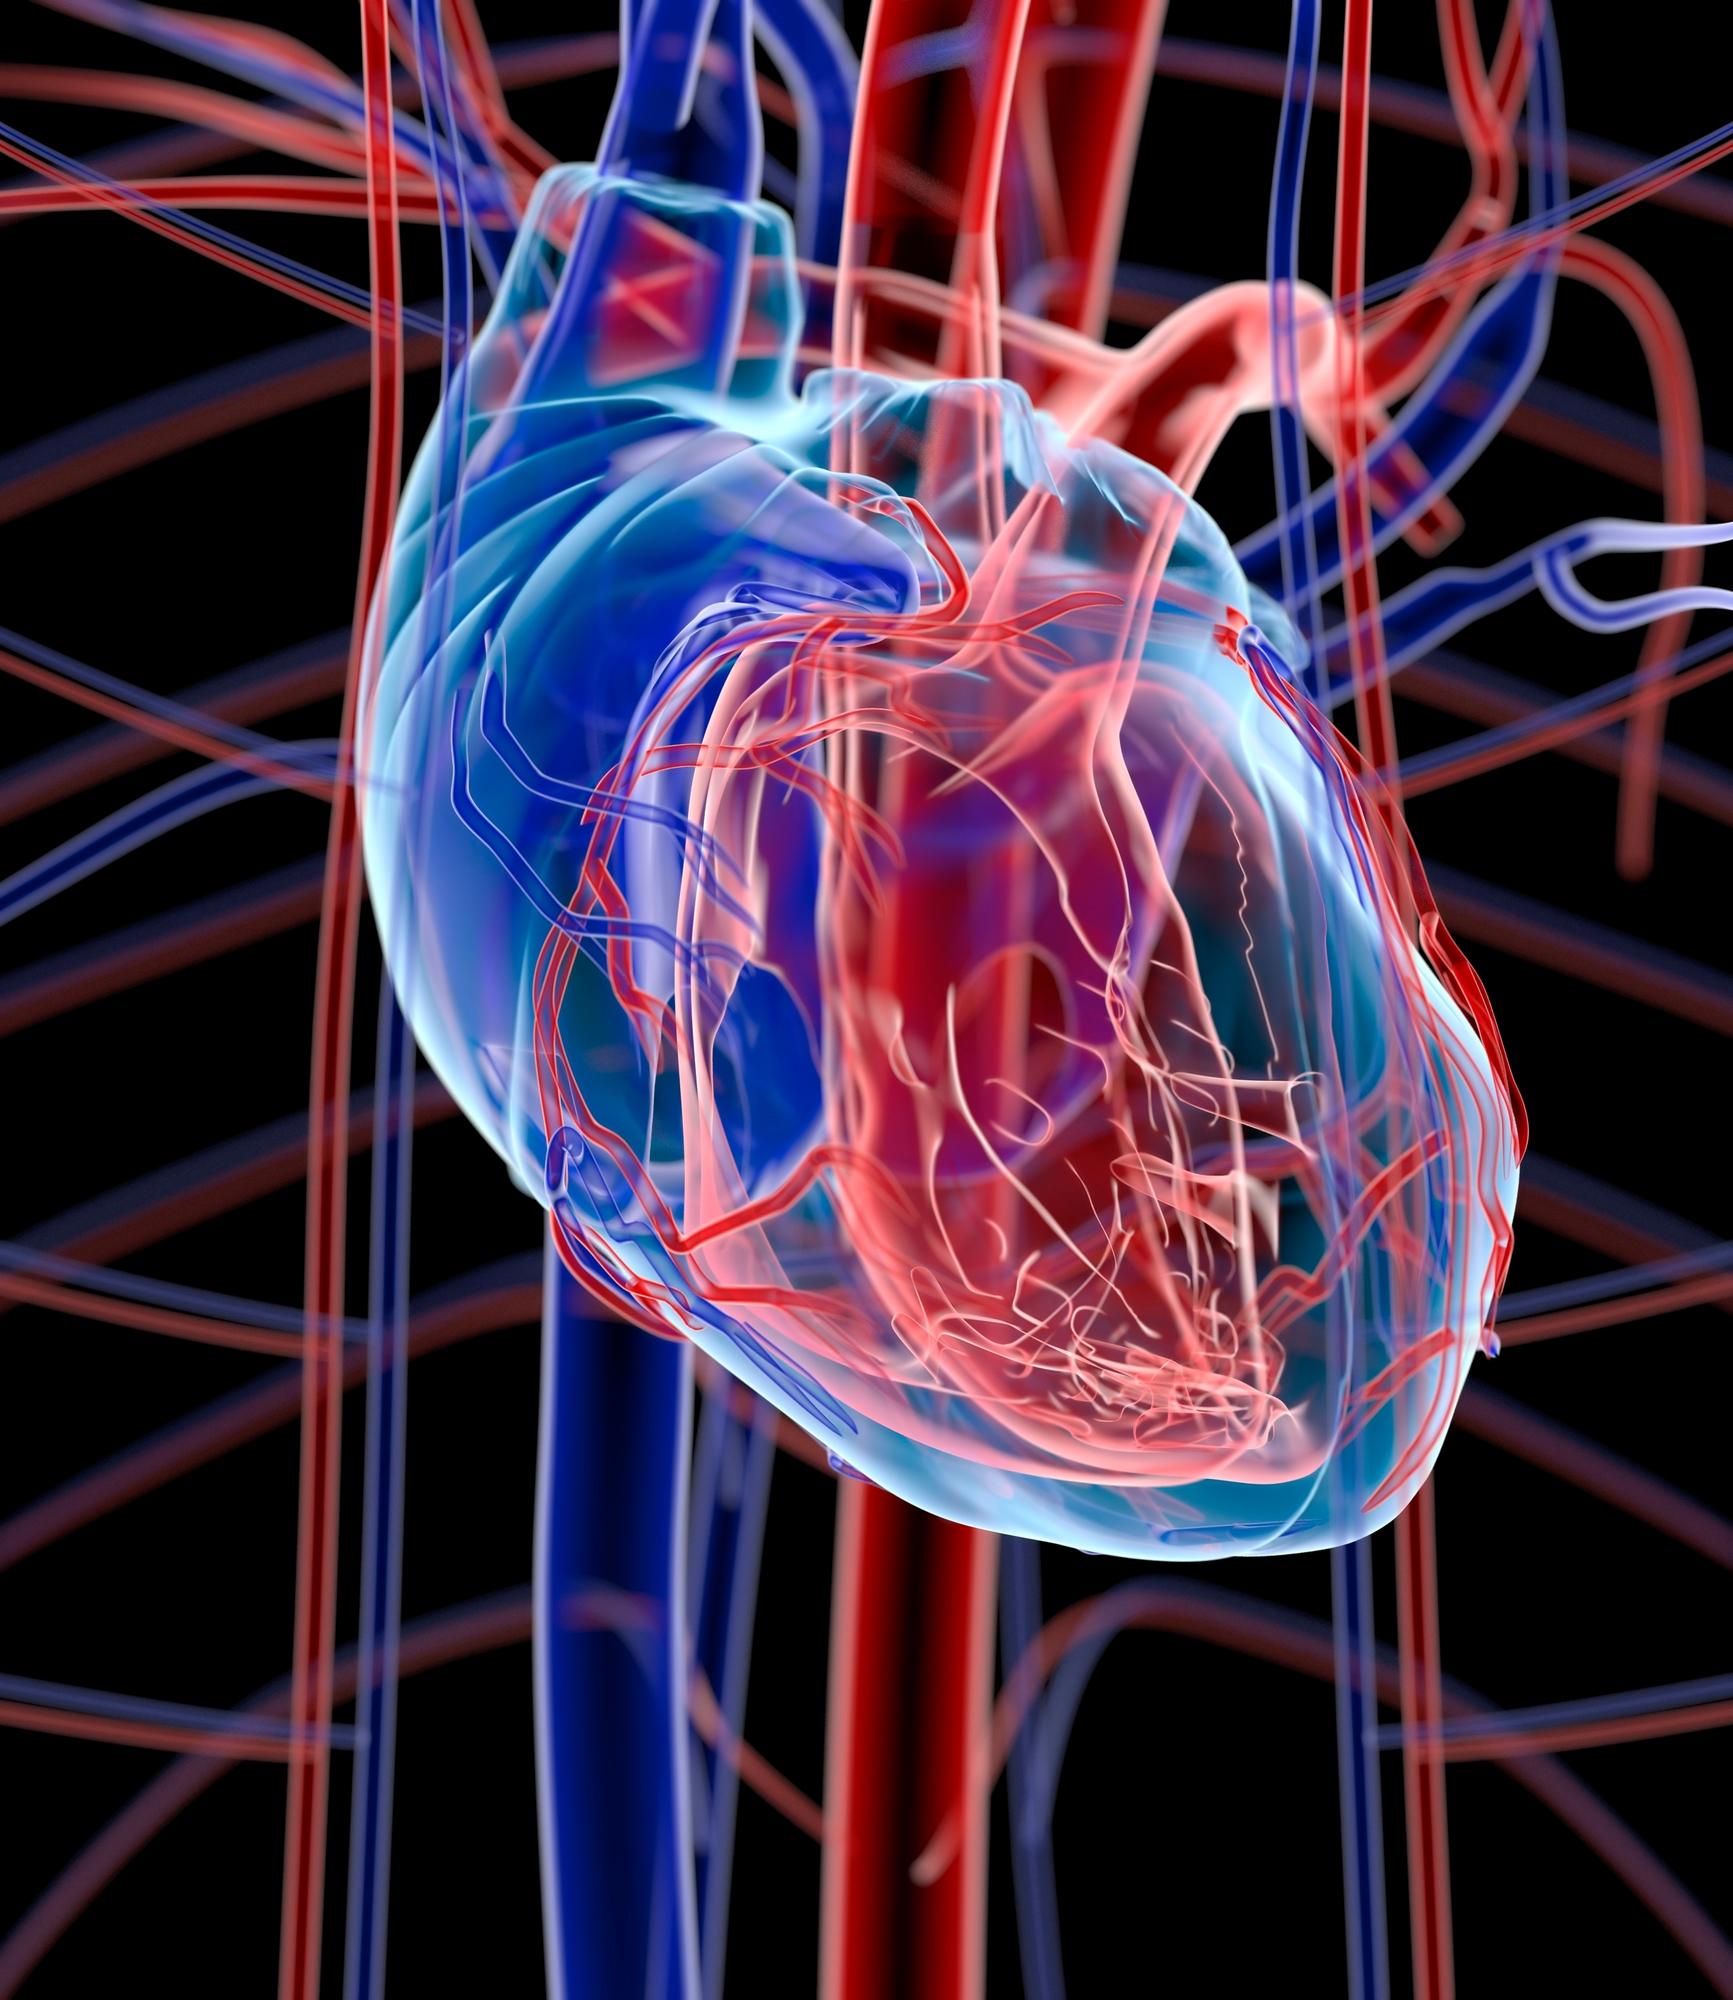 Νέες οδηγίες της Ευρωπαϊκής Καρδιολογικής Εταιρείας συμπεριλαμβάνουν την αγωγή με βερισιγουάτη